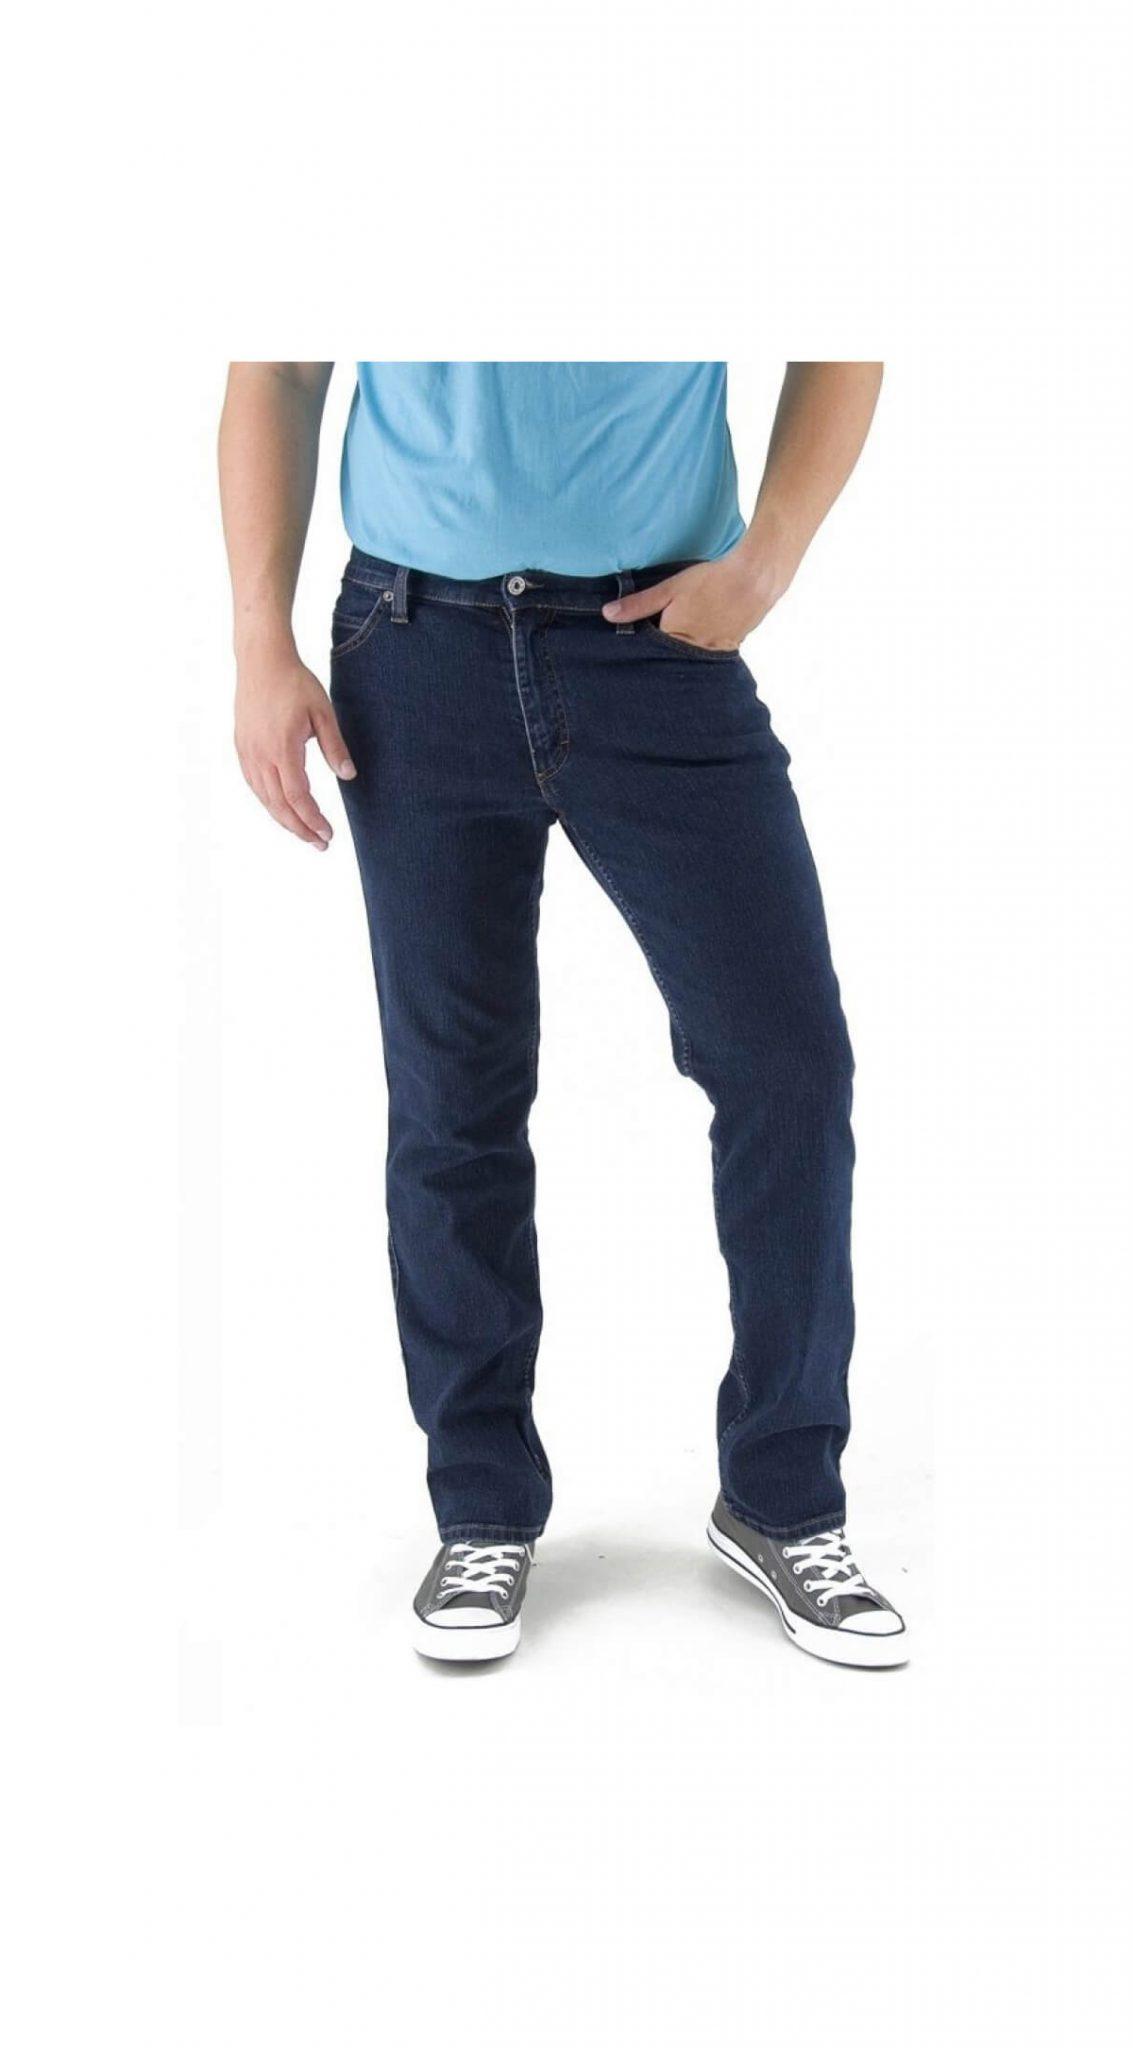 Grote maat Mustang jeans Tramper dark stonewashed